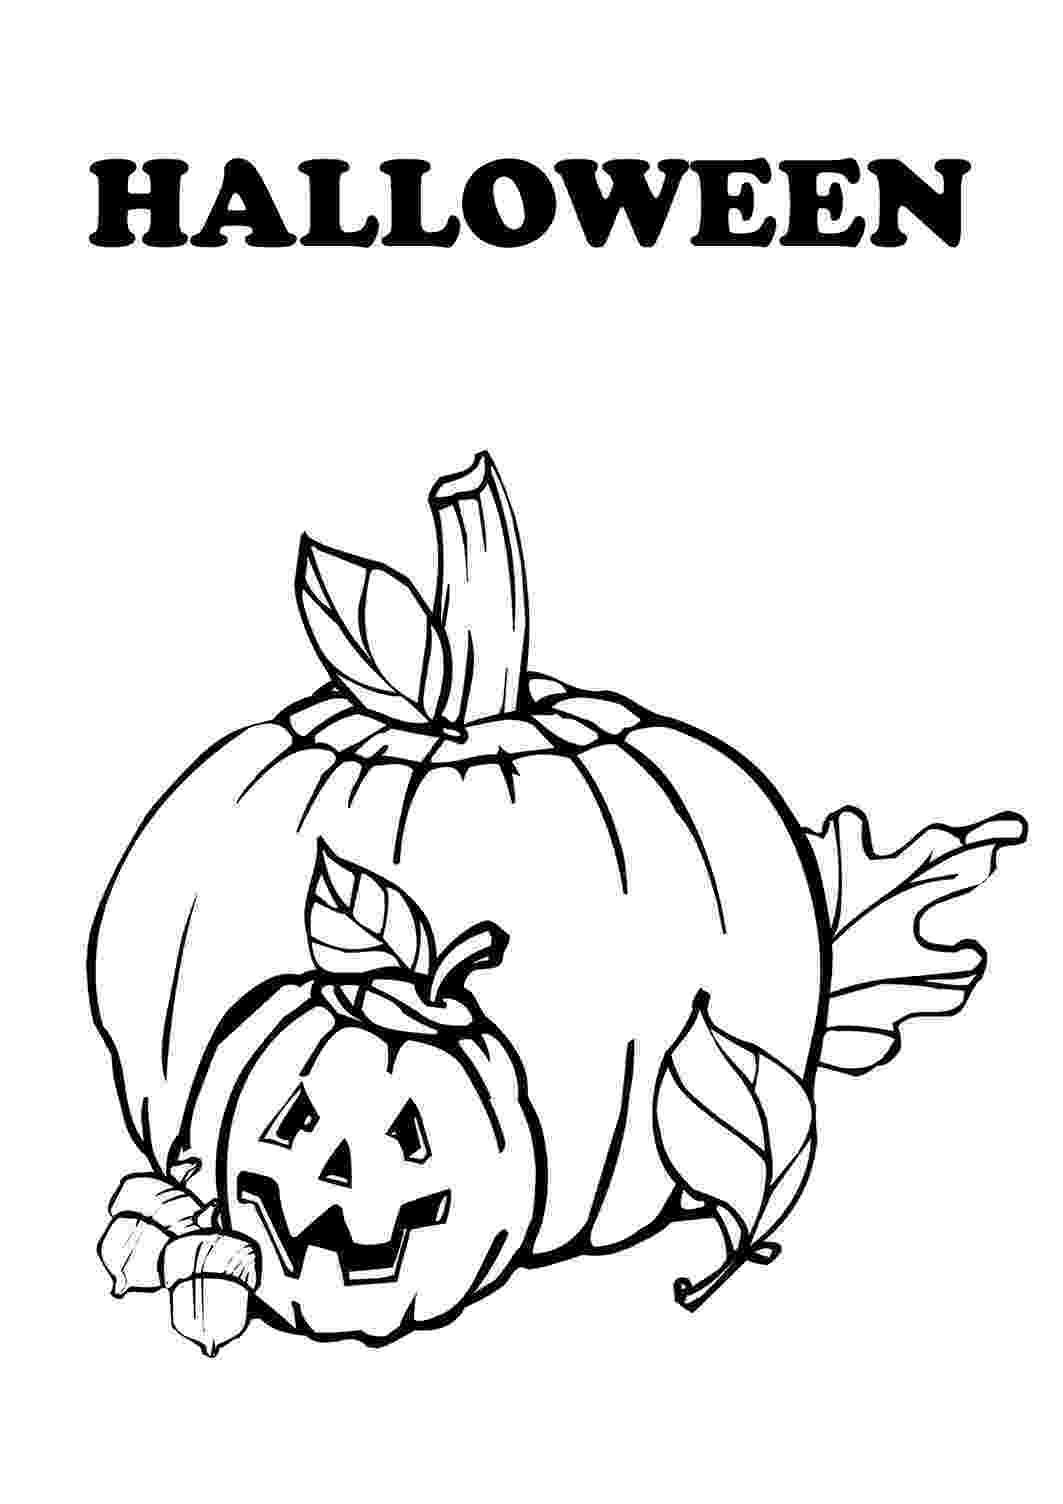 halloween pumpkin coloring pages halloween pumpkin printable coloring page nana pins coloring pages pumpkin halloween